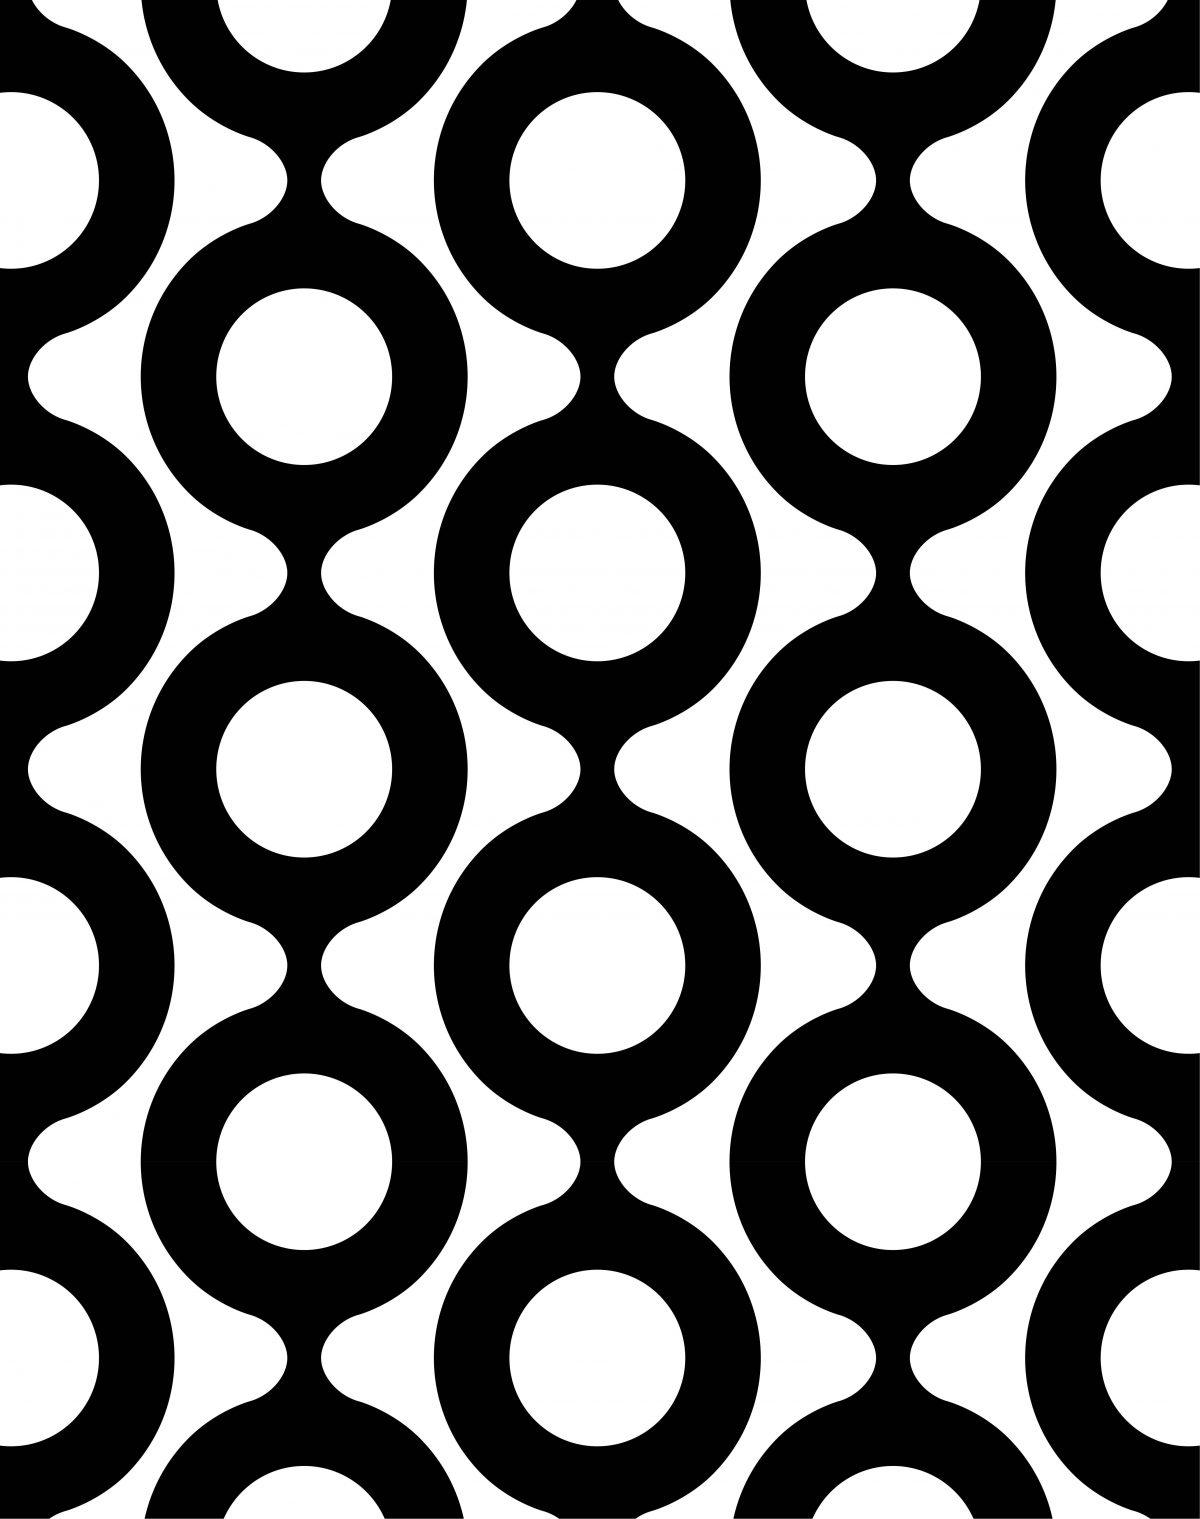 Papel mural círculos blanco y negro ESPECIALES 8331-1 Muresco